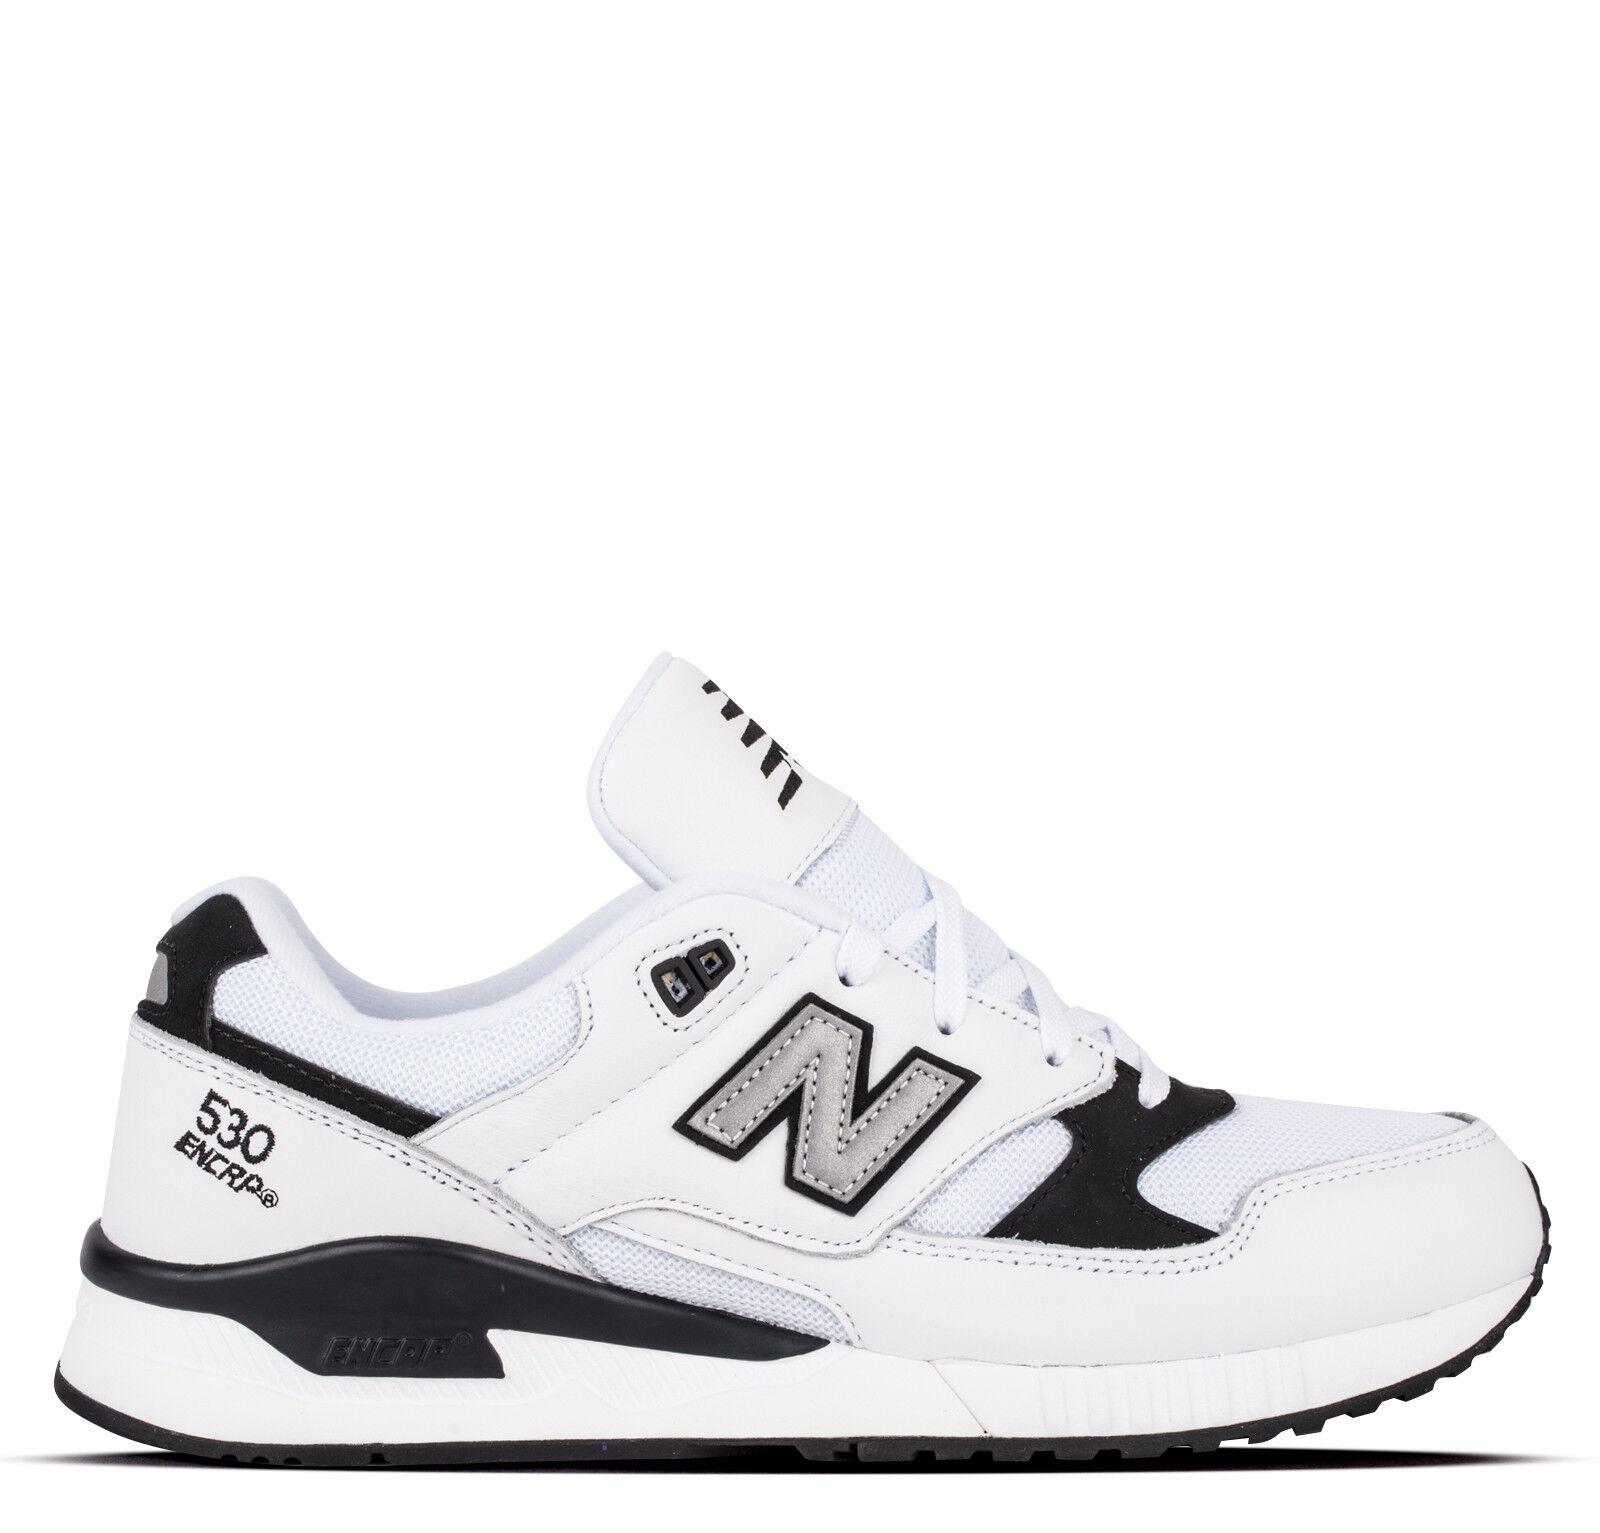 Nuevo En Caja Para Hombre New Balance años Cuero 311 Retro M530LGA Zapatos  311 Cuero 2018 whblk b71dac